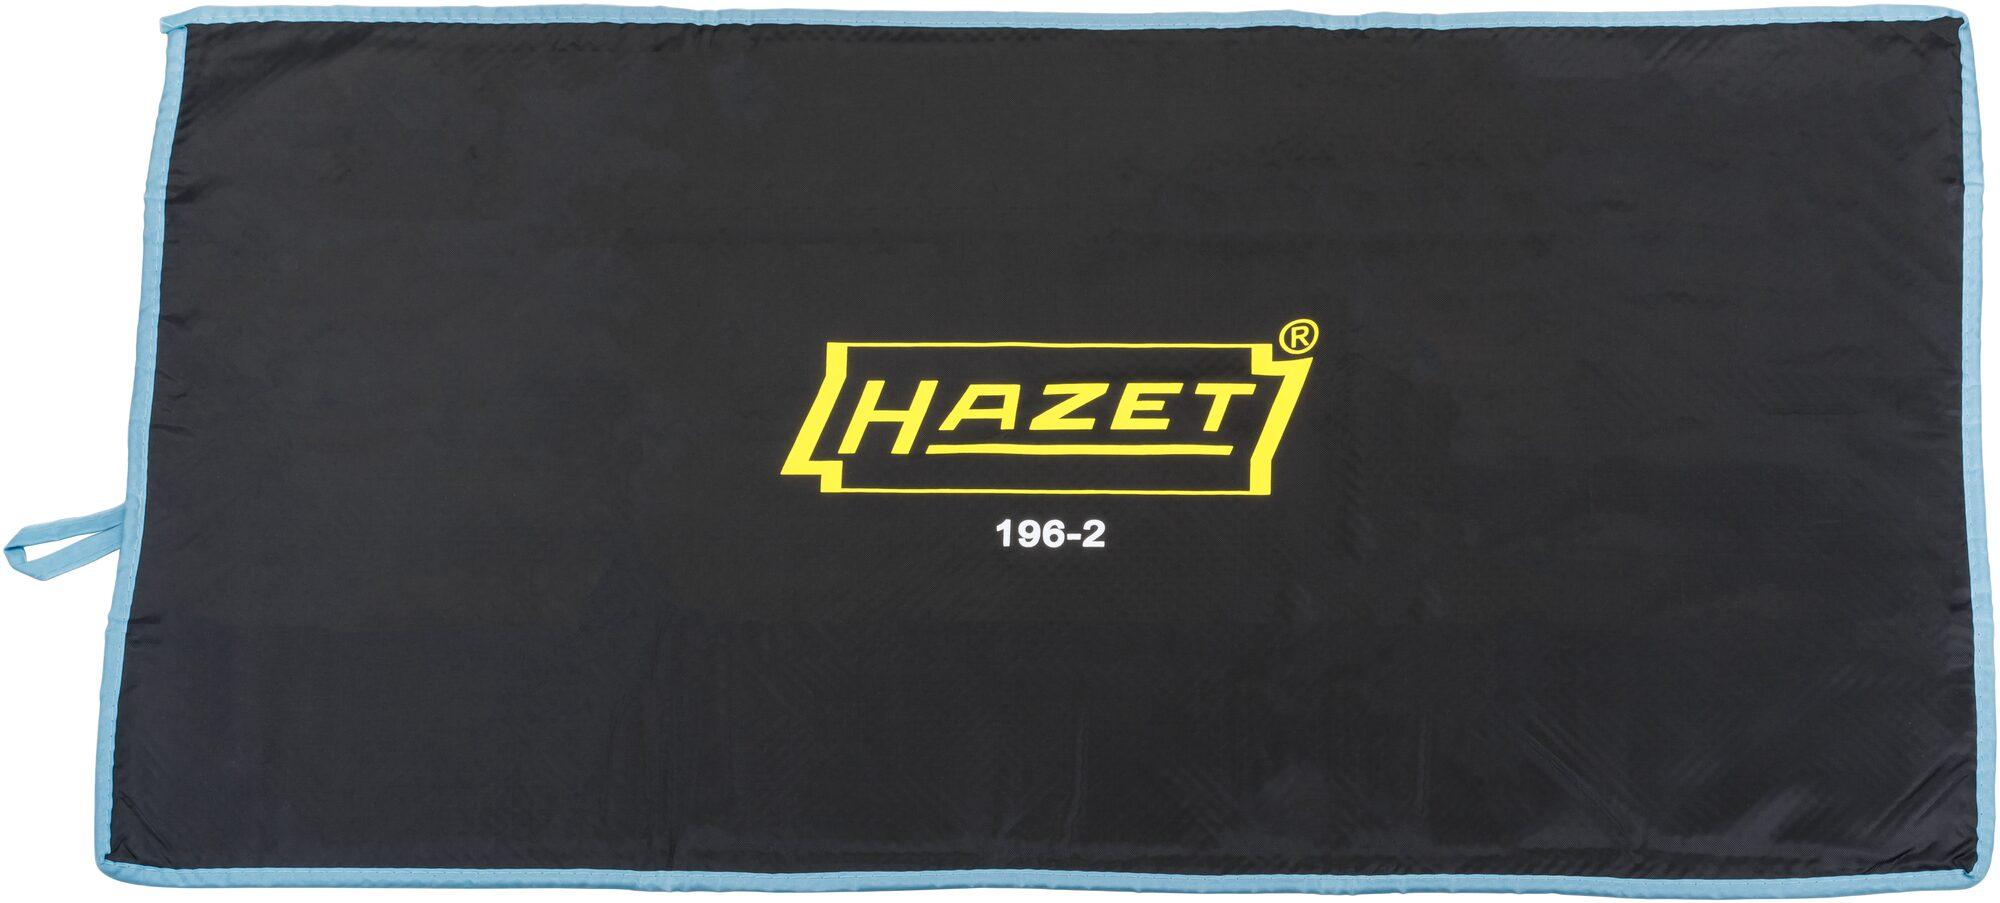 HAZET Kotflügelschoner 196-2